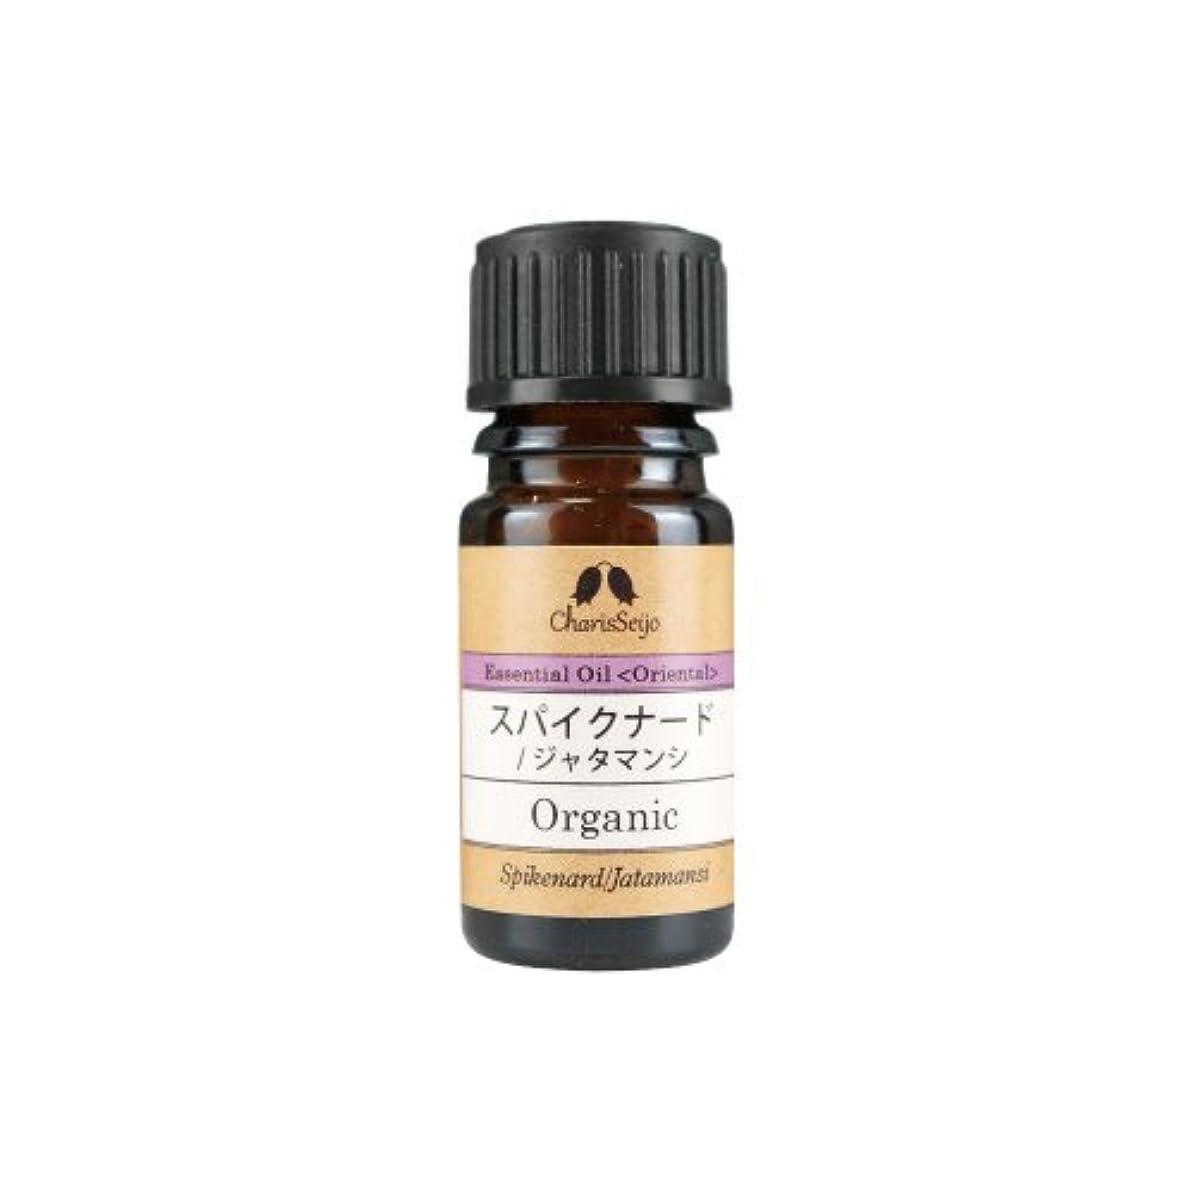 価値ブラストピザカリス エッセンシャルオイル スパイクナード/ジャタマンシ Organic 2ml